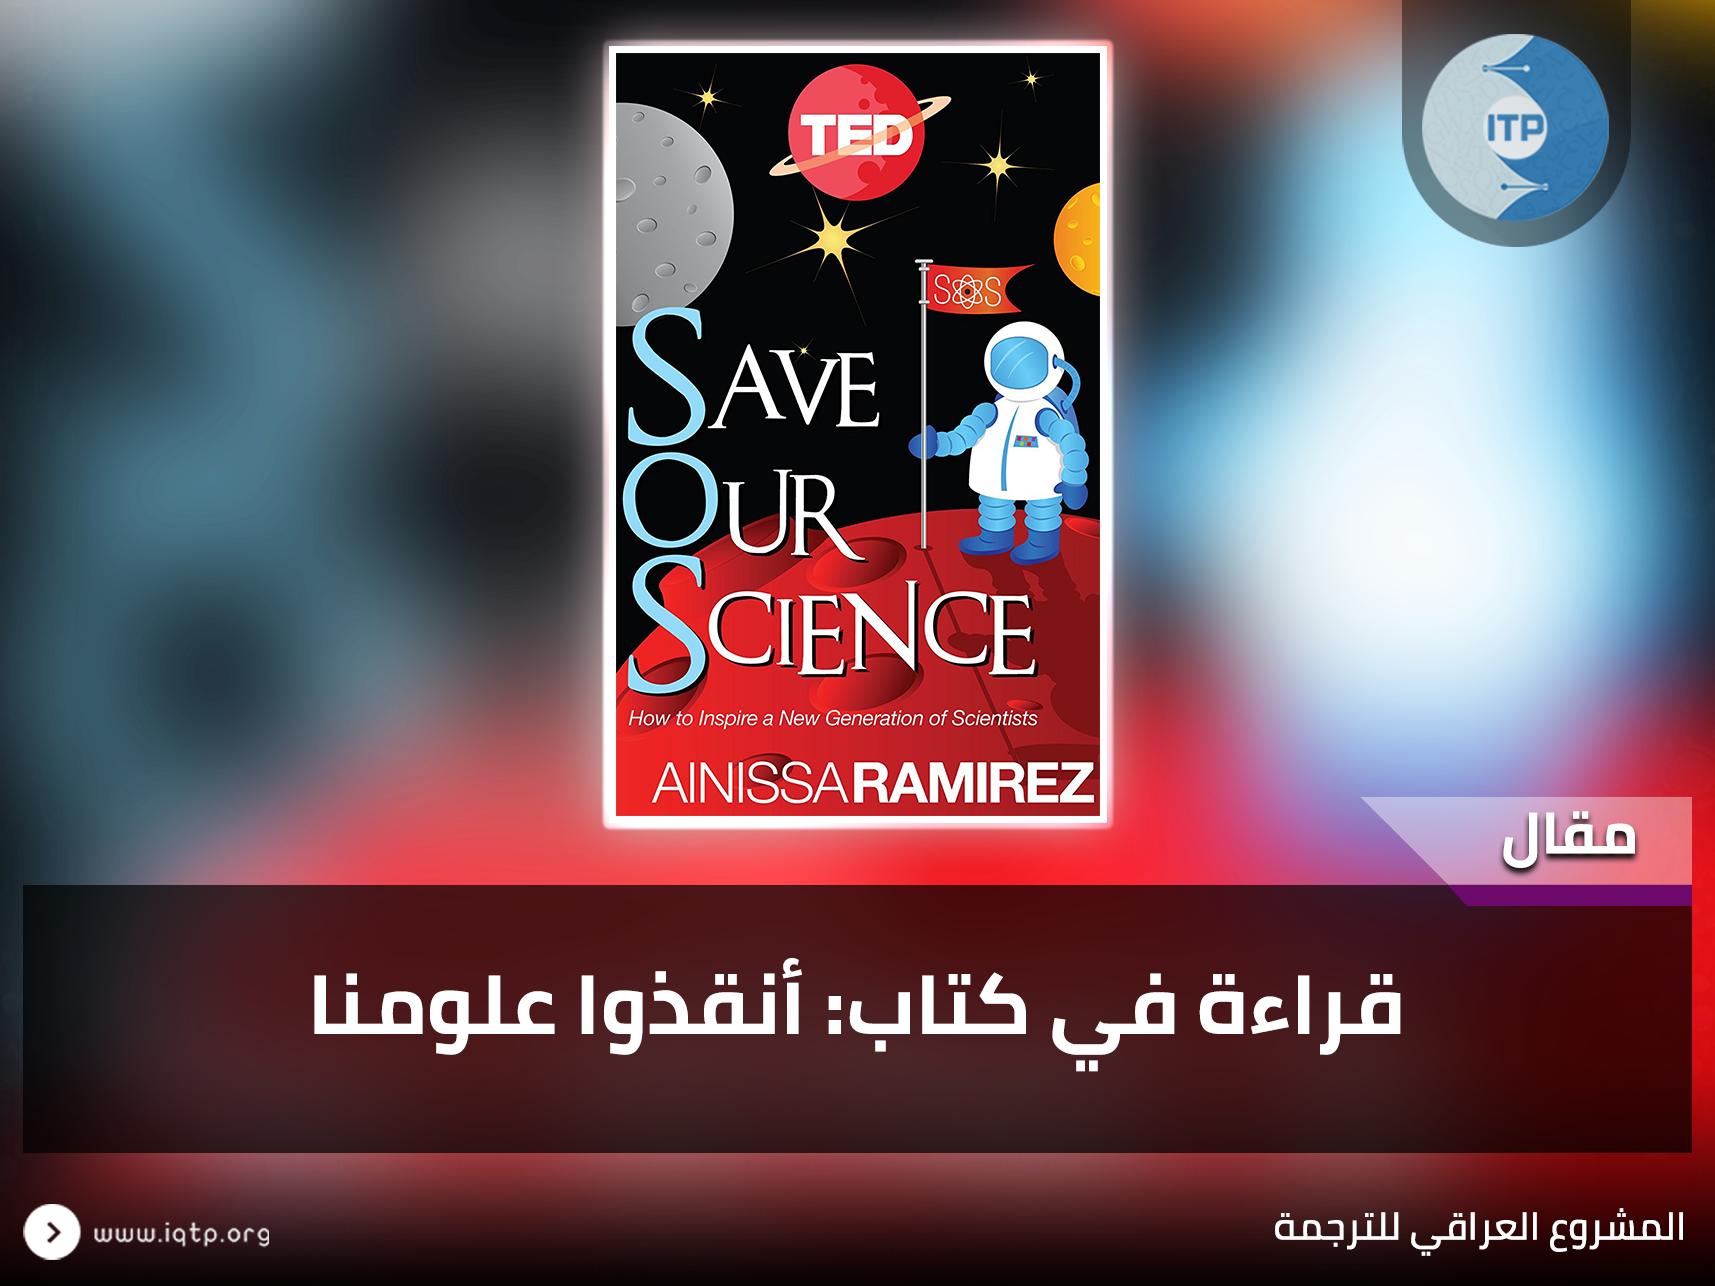 قراءة في كتاب: أنقذوا علومنا